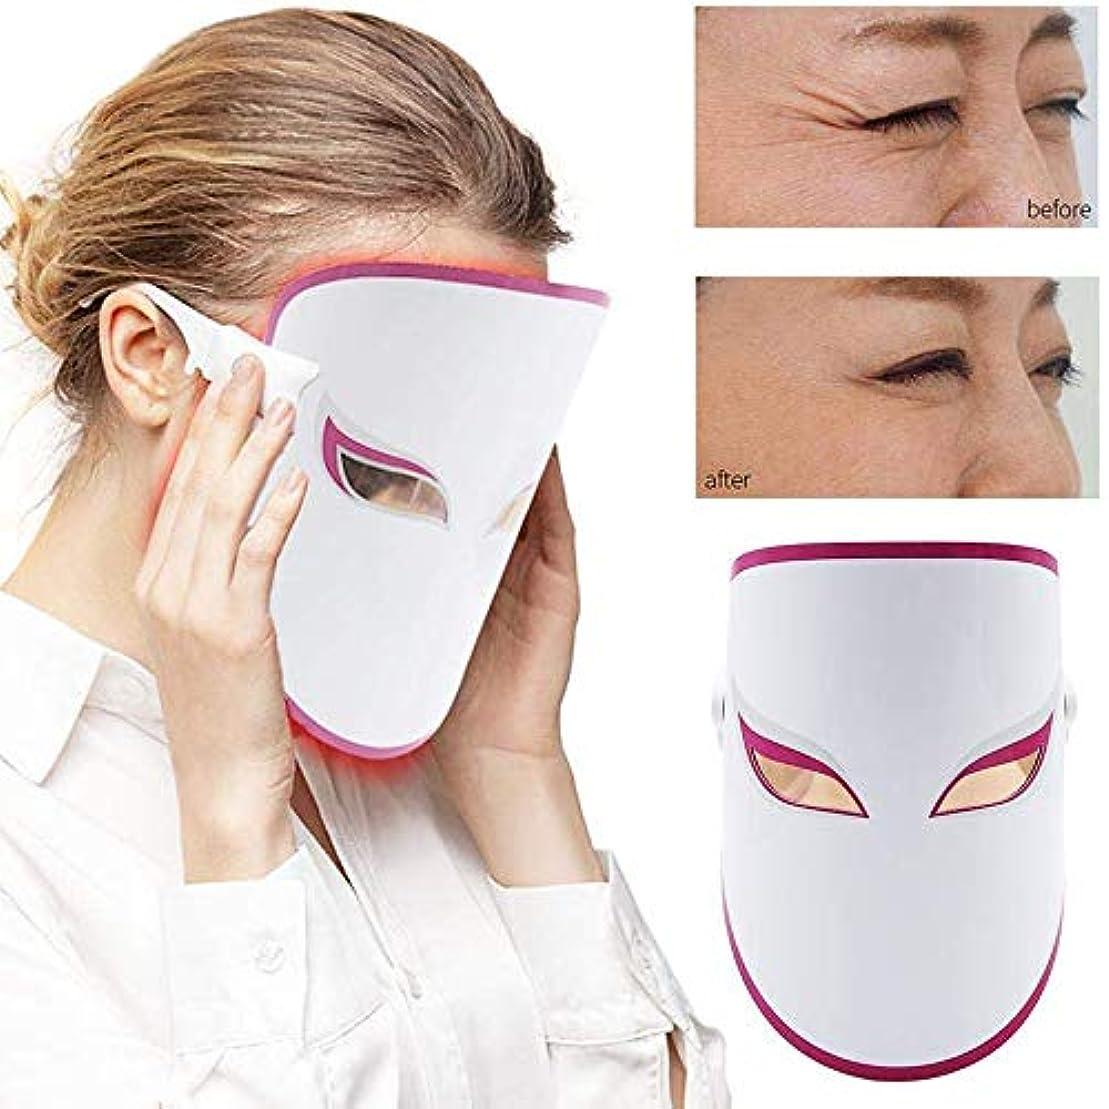 惨めなアジア人軌道LEDフェイスマスク - フェイシャル?スキンケア美容マスク療法 - 毛穴を縮小、にきびしわを減らし、肌の若返り - 補充コラーゲン、アンチエイジング